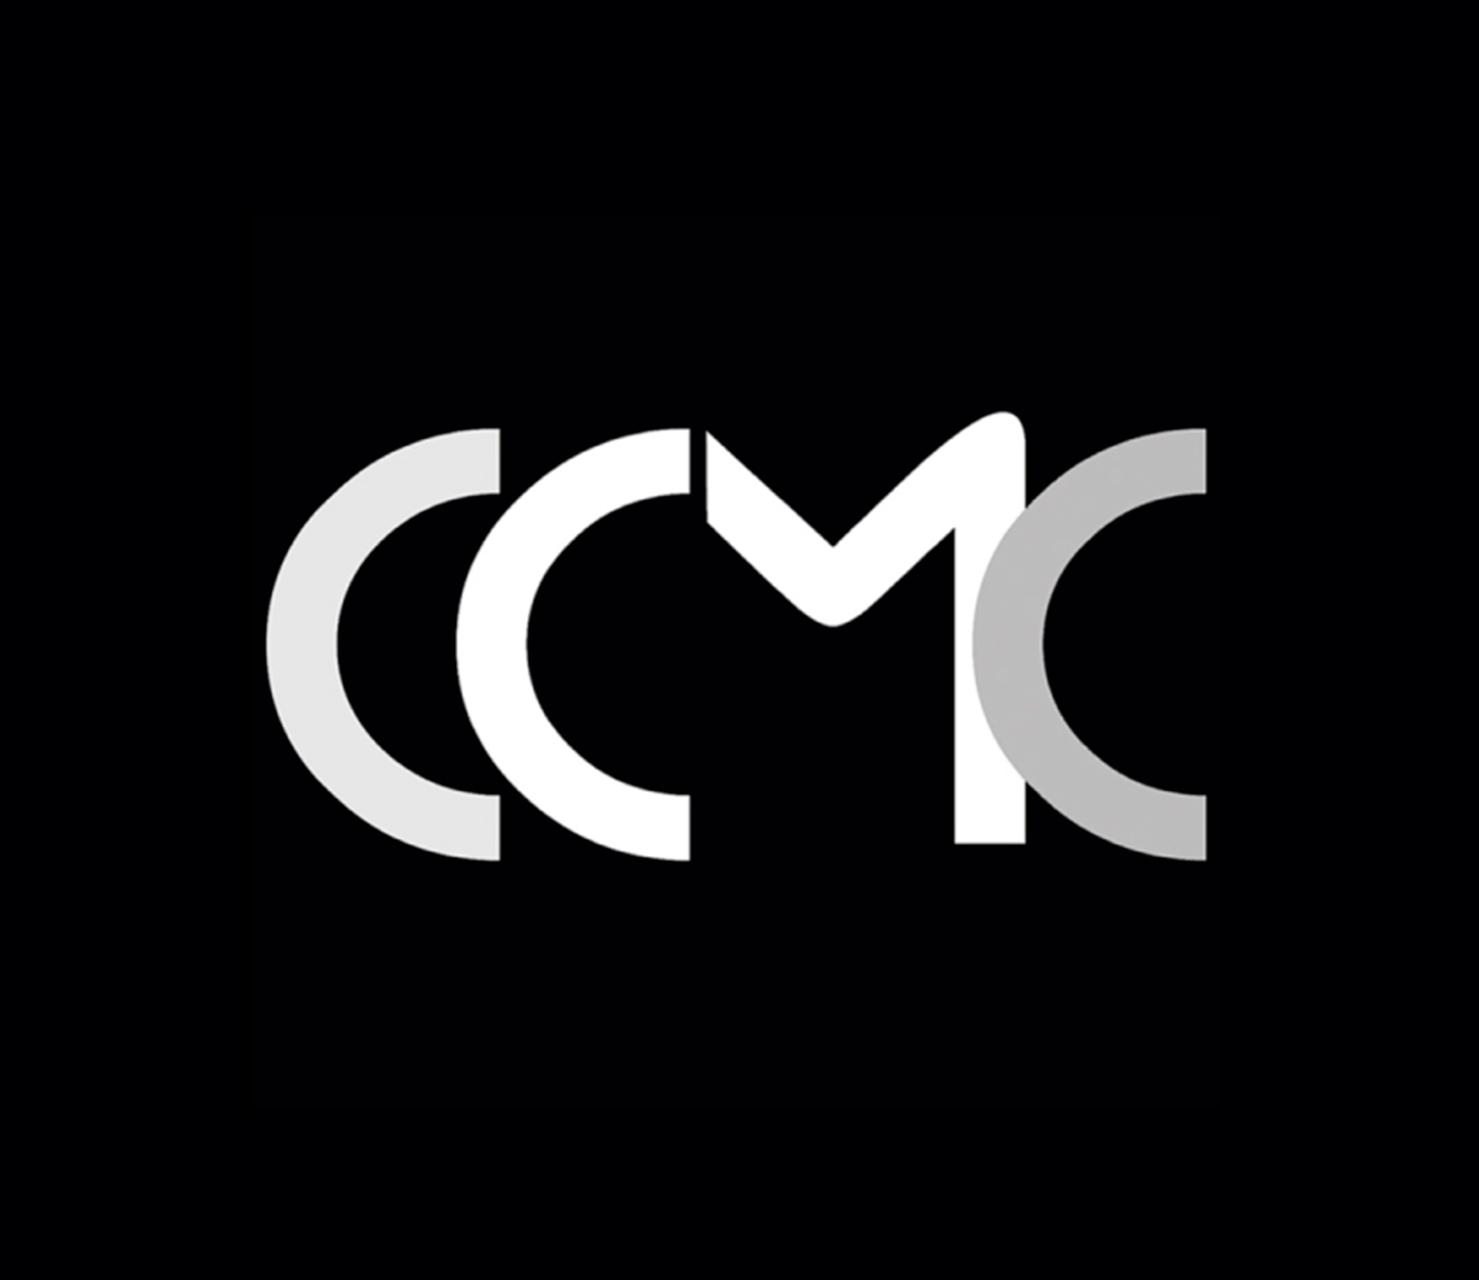 Convocatoria: Taller de Análisis para la interpretación de música contemporánea